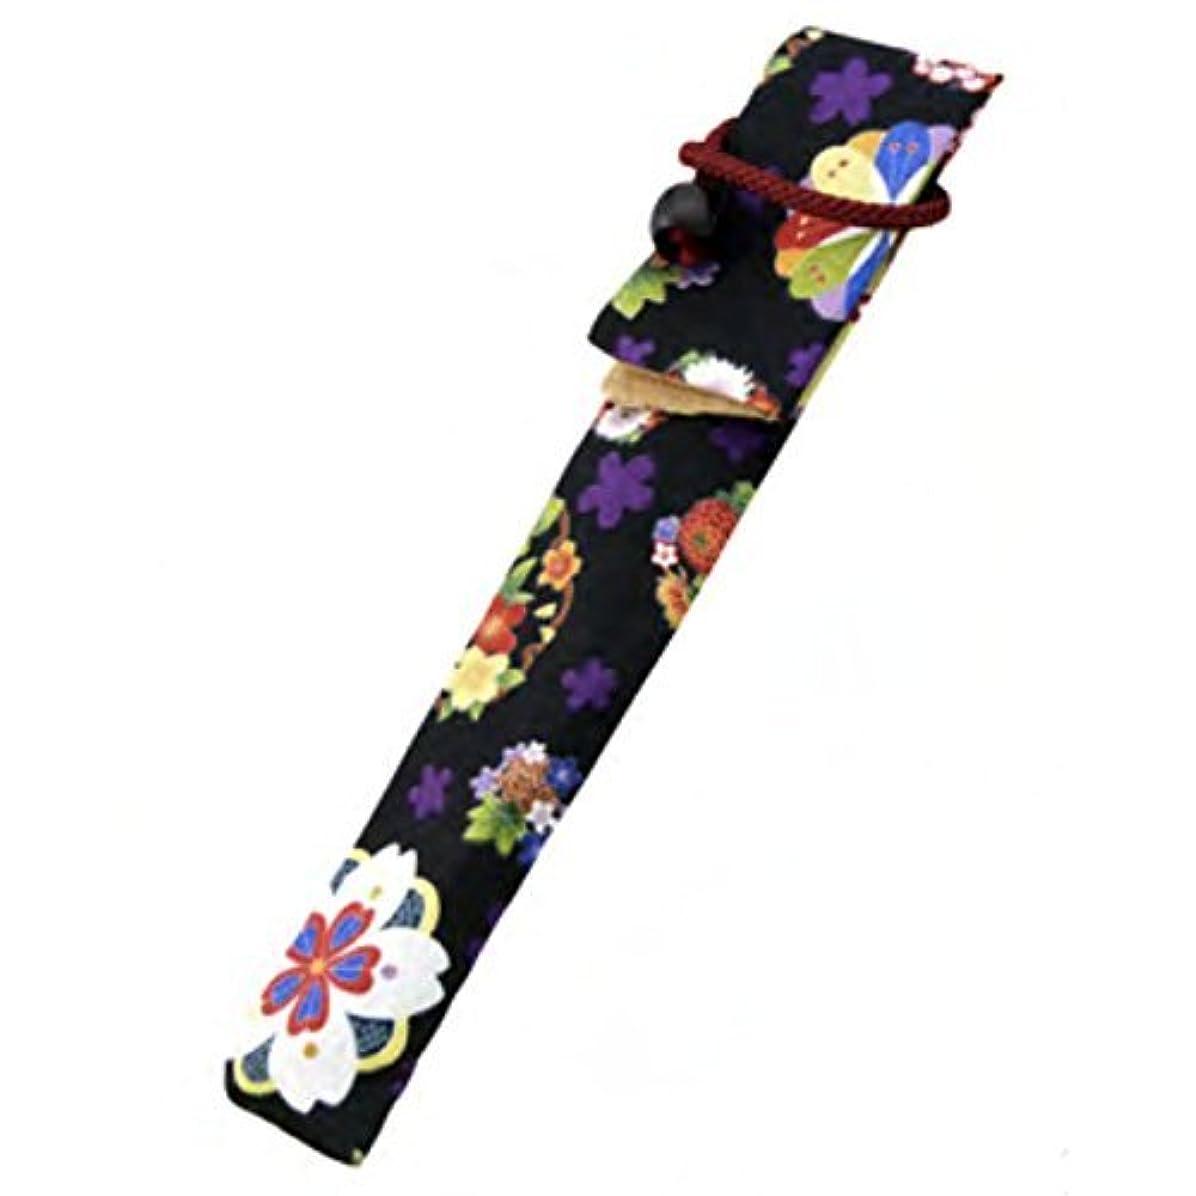 着る謎めいた硬化するフカシロ キセル入れ キセルケース 綿 ハナガラクロ 18012813 20cmまで対応 煙管 きせる 袋